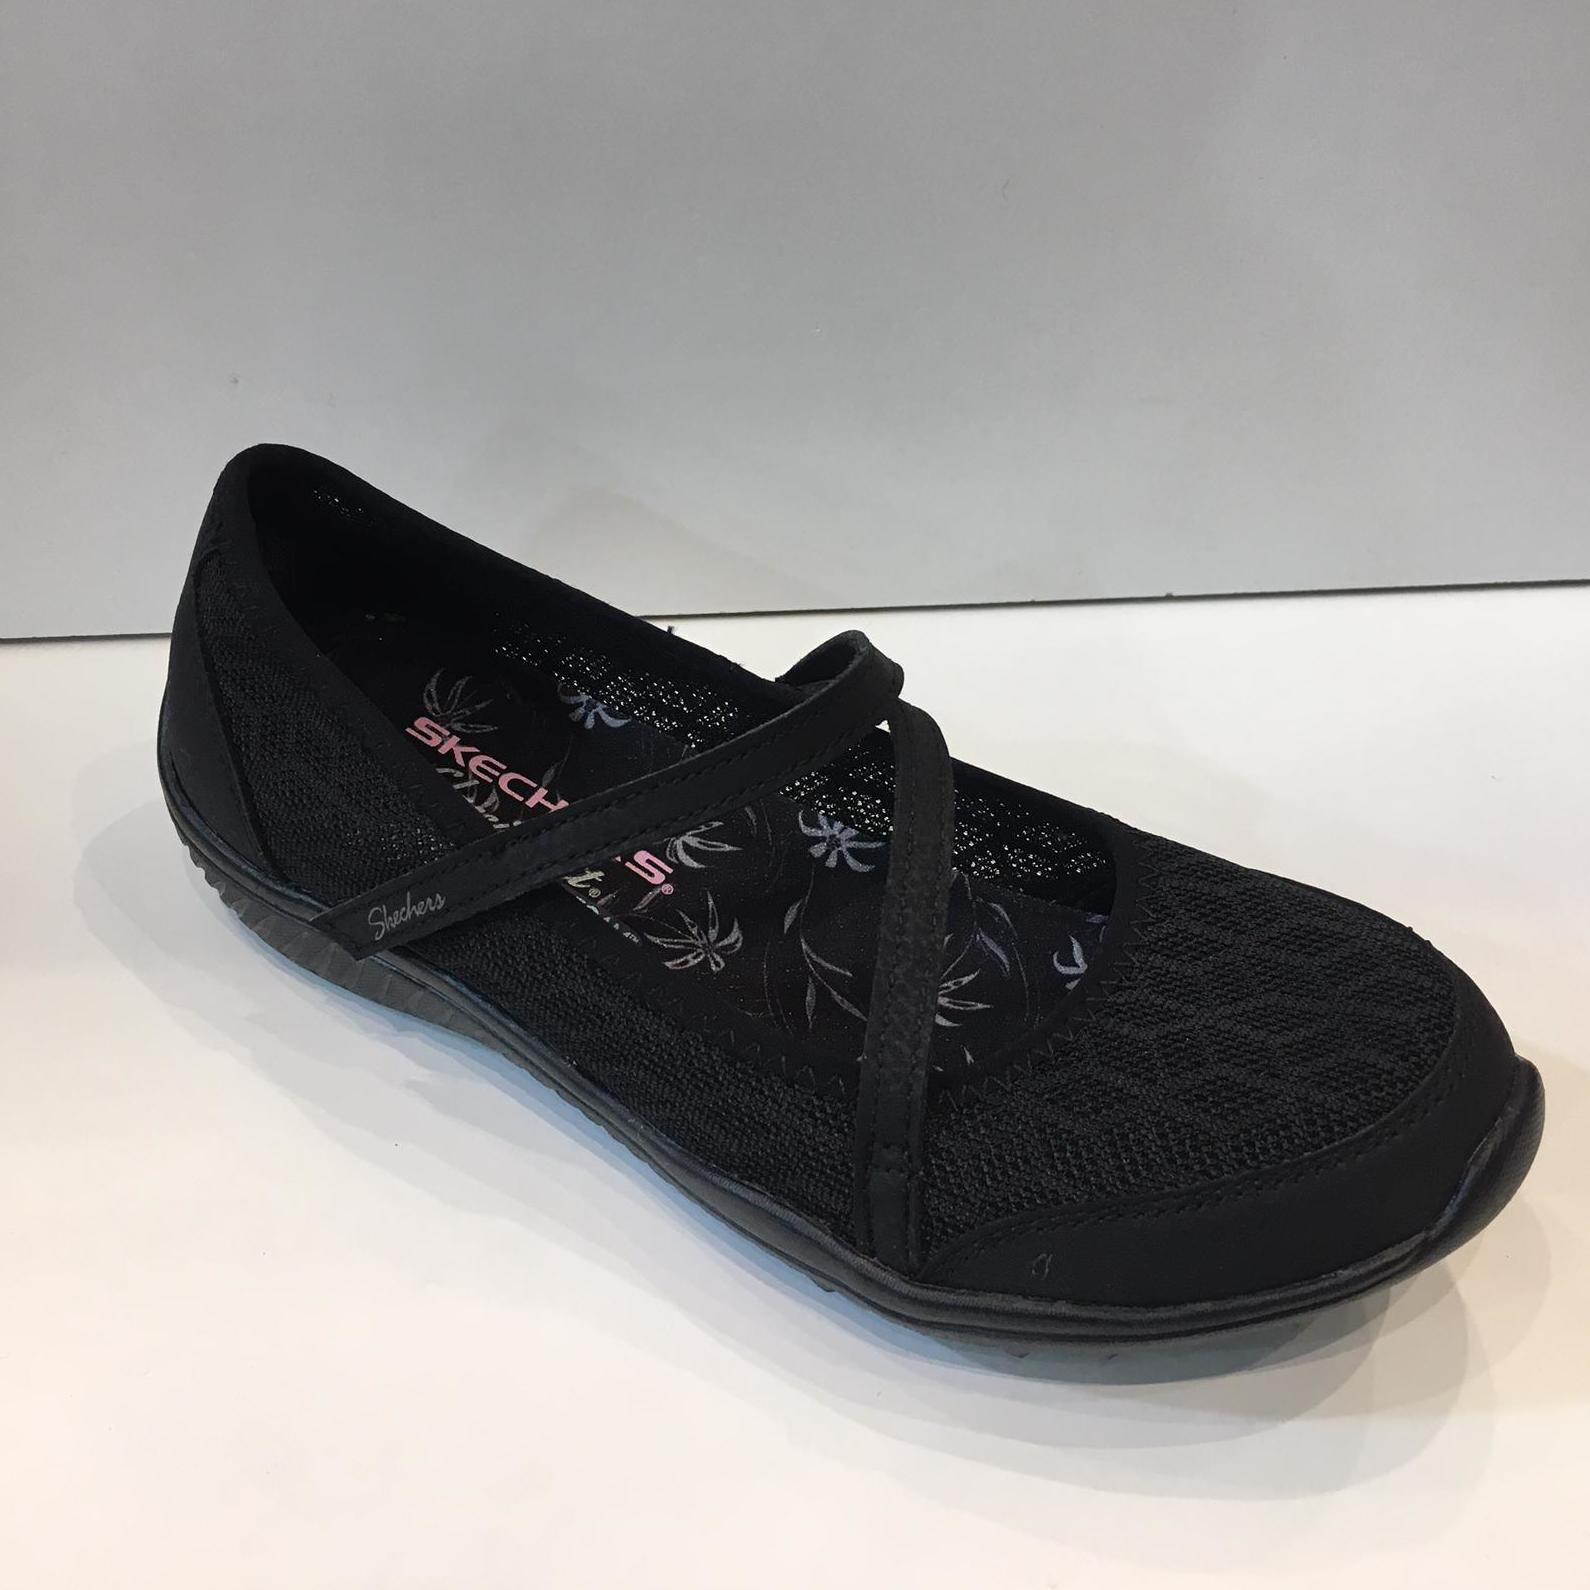 Mercediatas de dona de la marca Skechers, reixada amb puntera i taló reforçats, amb plantilla Air-Cooled Memory Foam i sola de resalite 59,95€